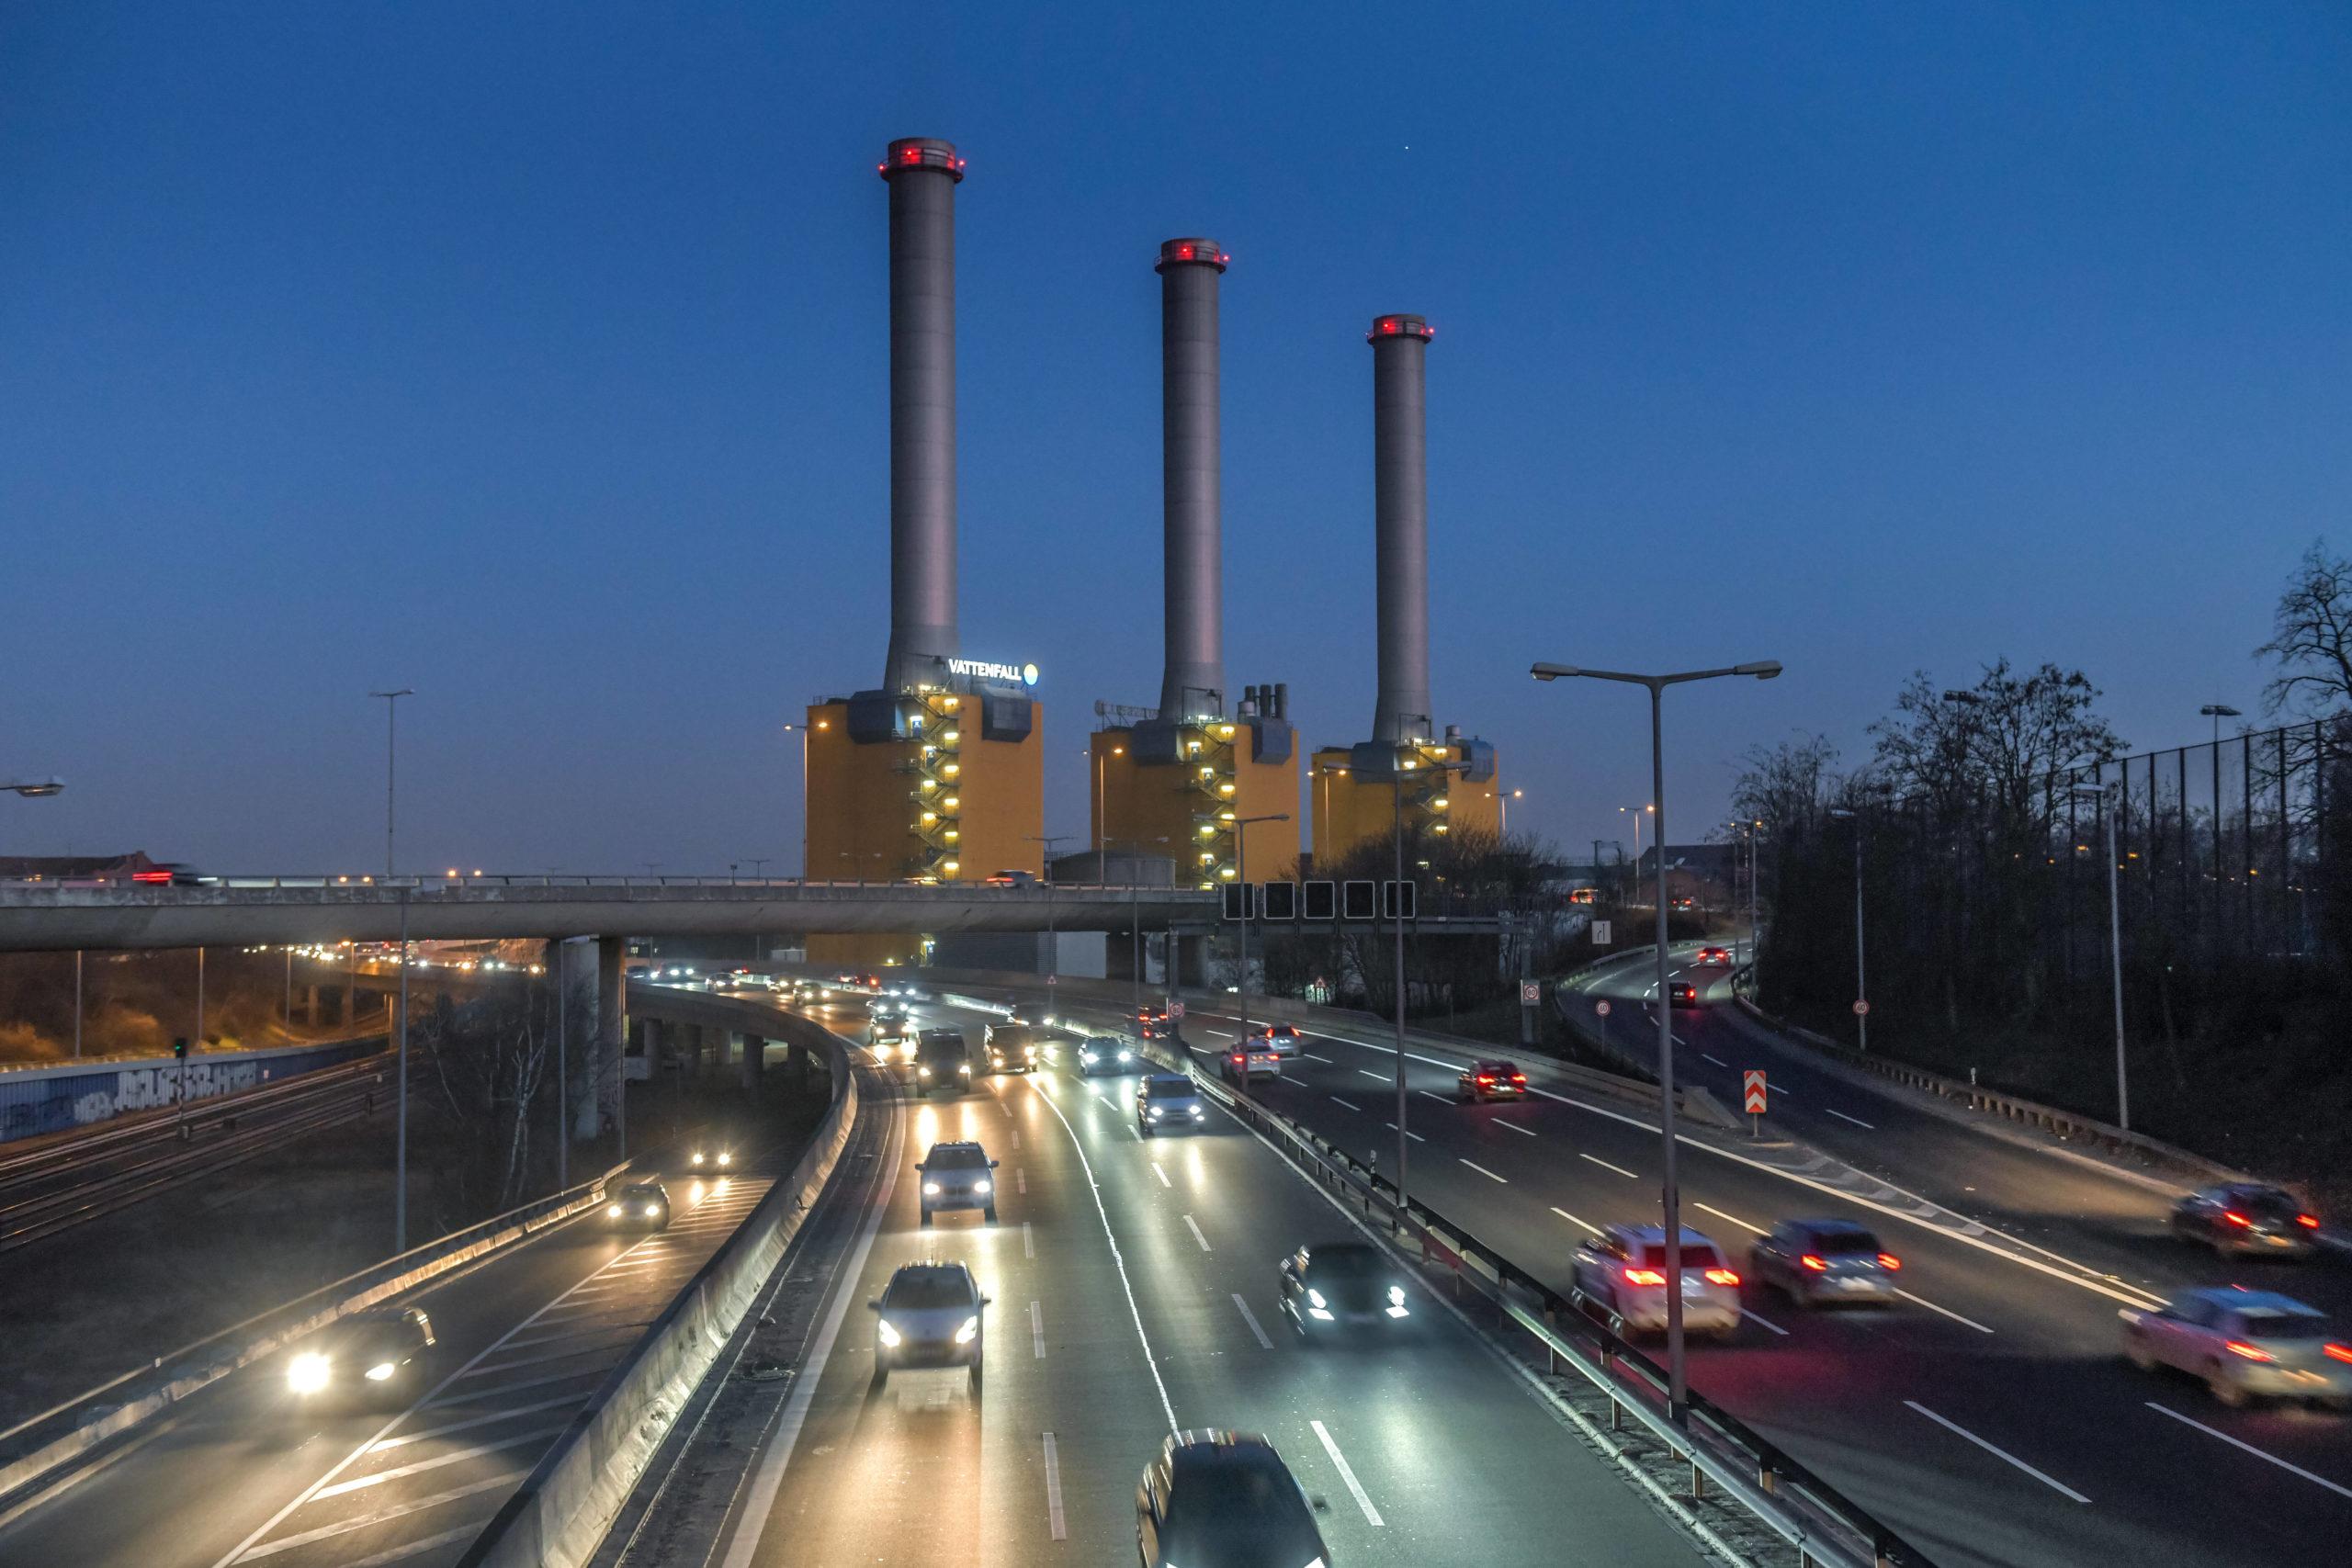 Heizkraftwerk Wilmersdorf: Die letzten Wochen des heizkraftwerks Wilmersdorf, März 2021. Foto: Imago/Joko